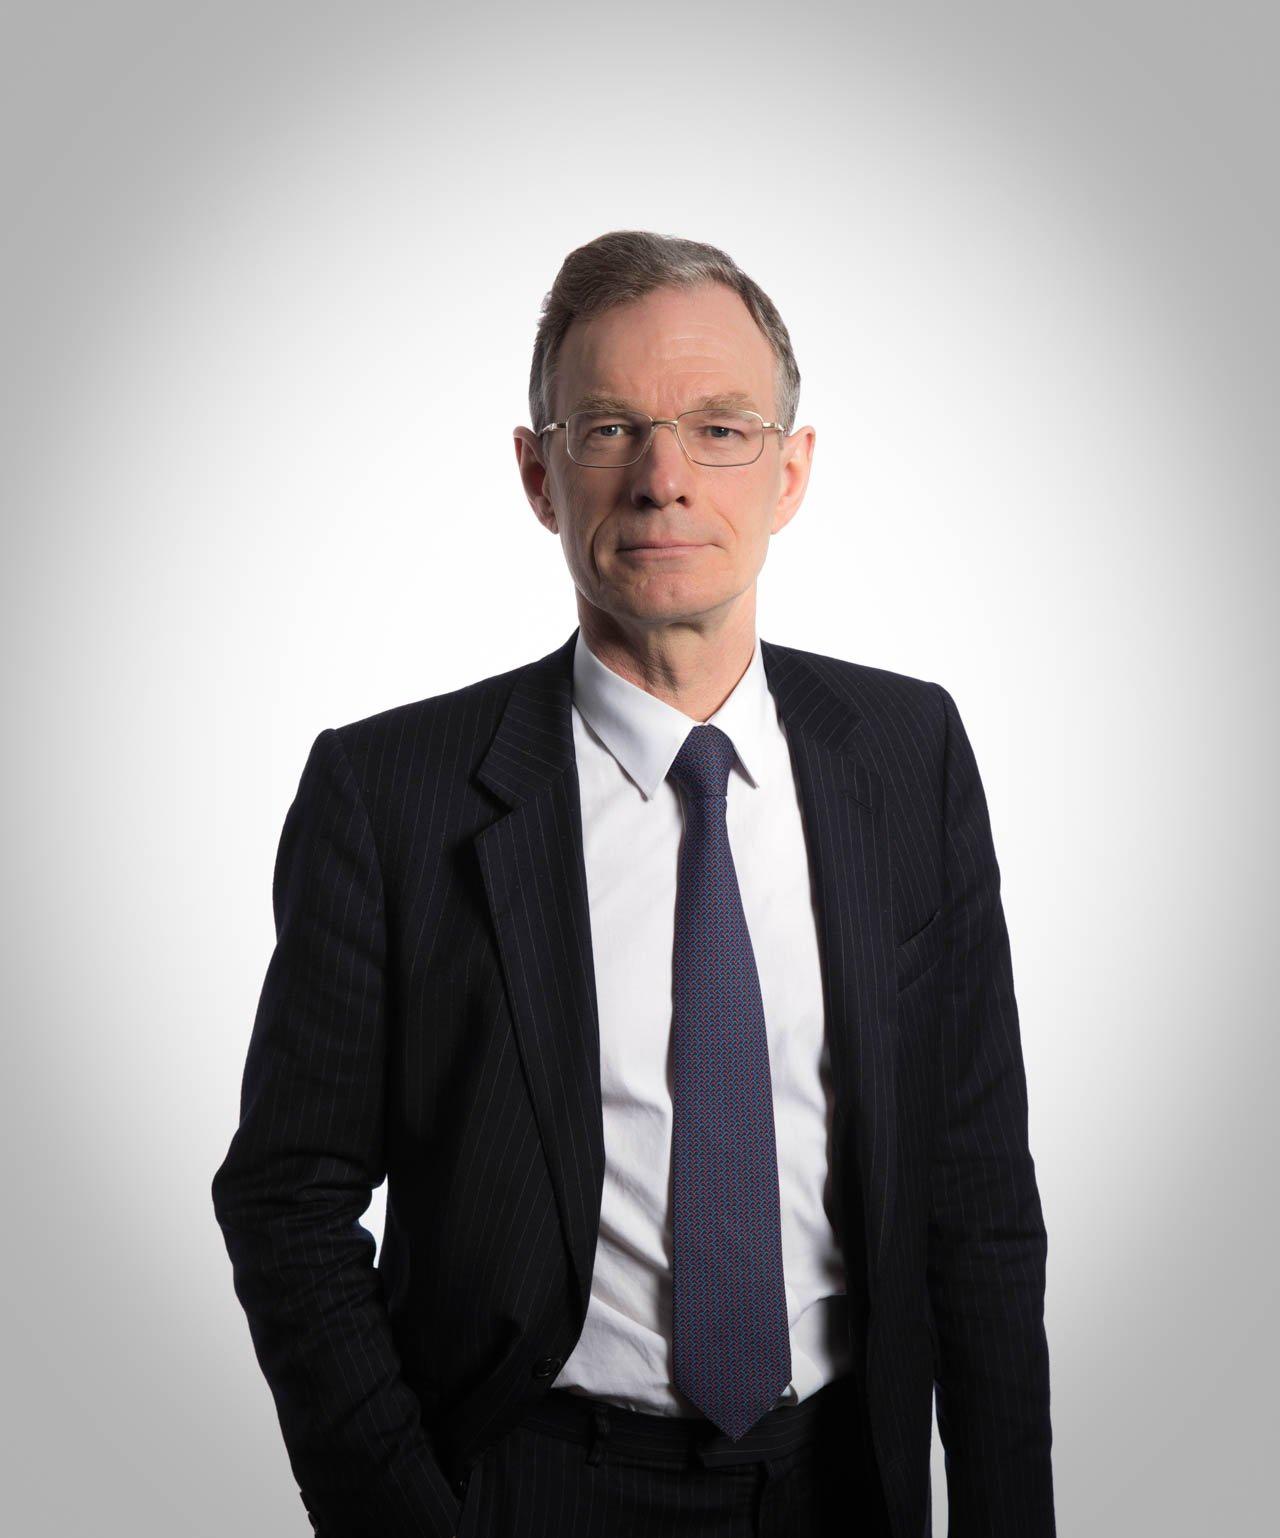 Philip Stokes